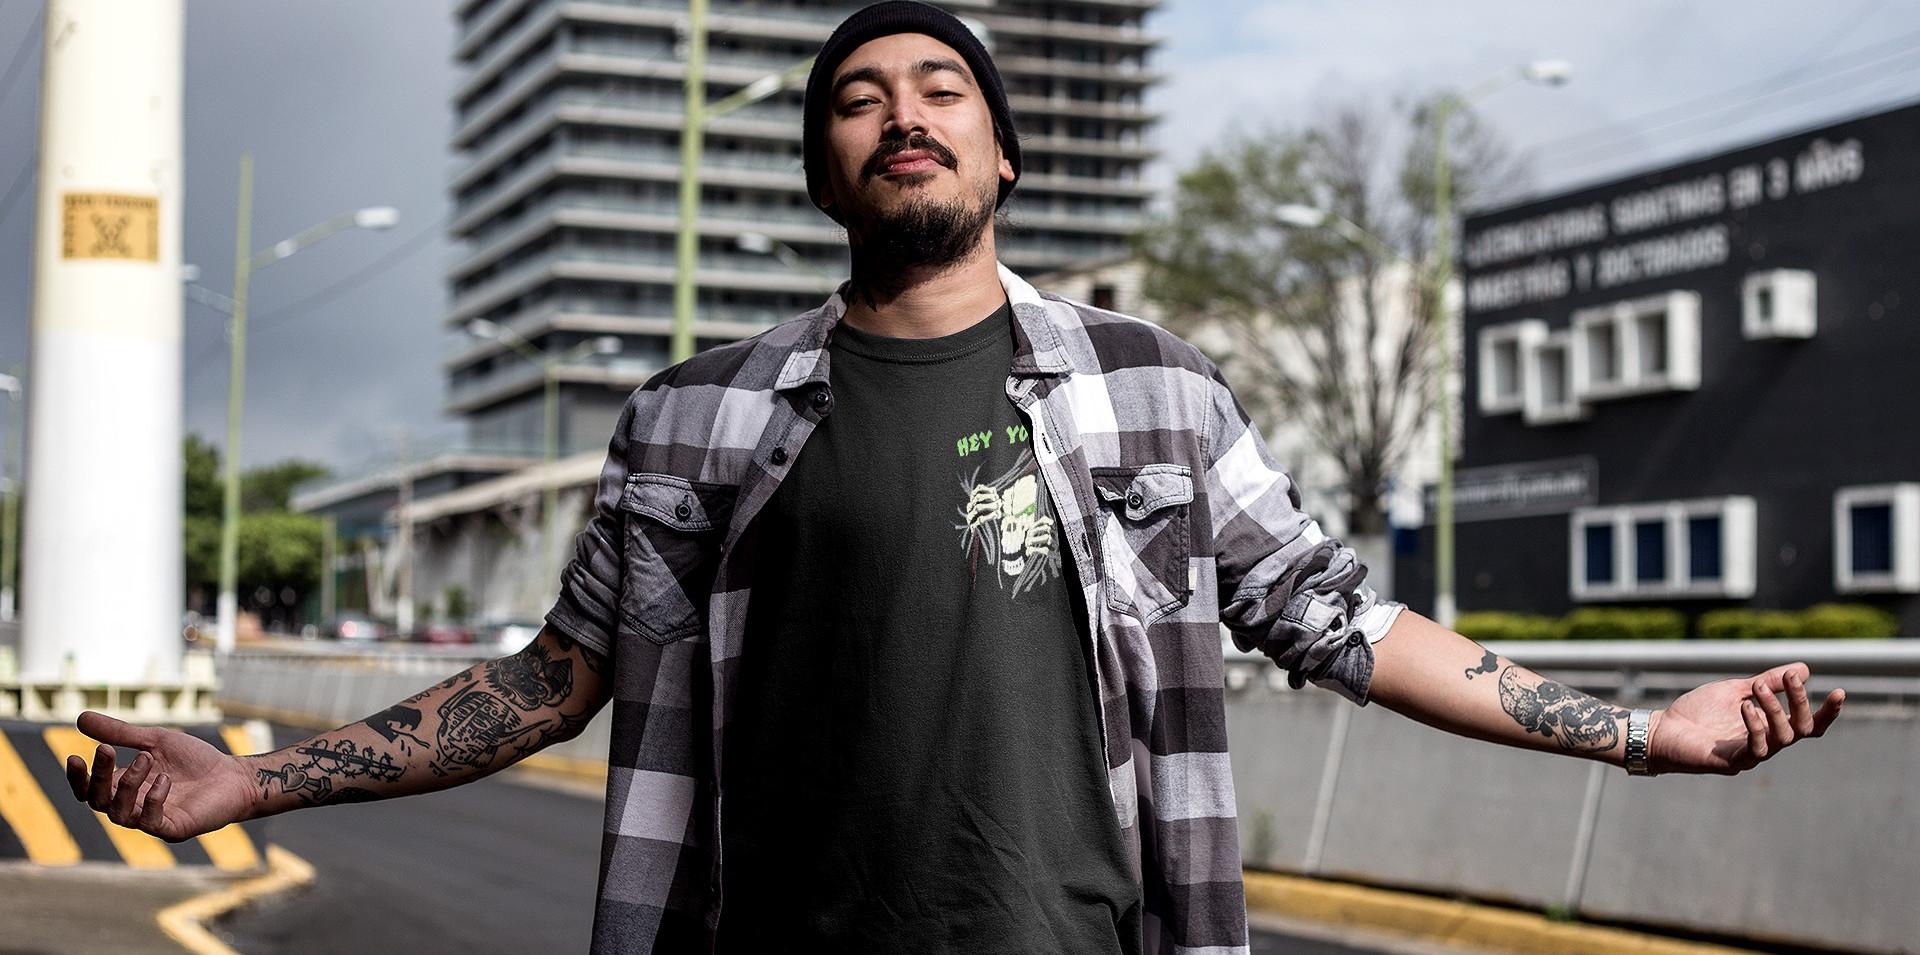 mockup-of-a-tattooed-urban-man-wearing-a